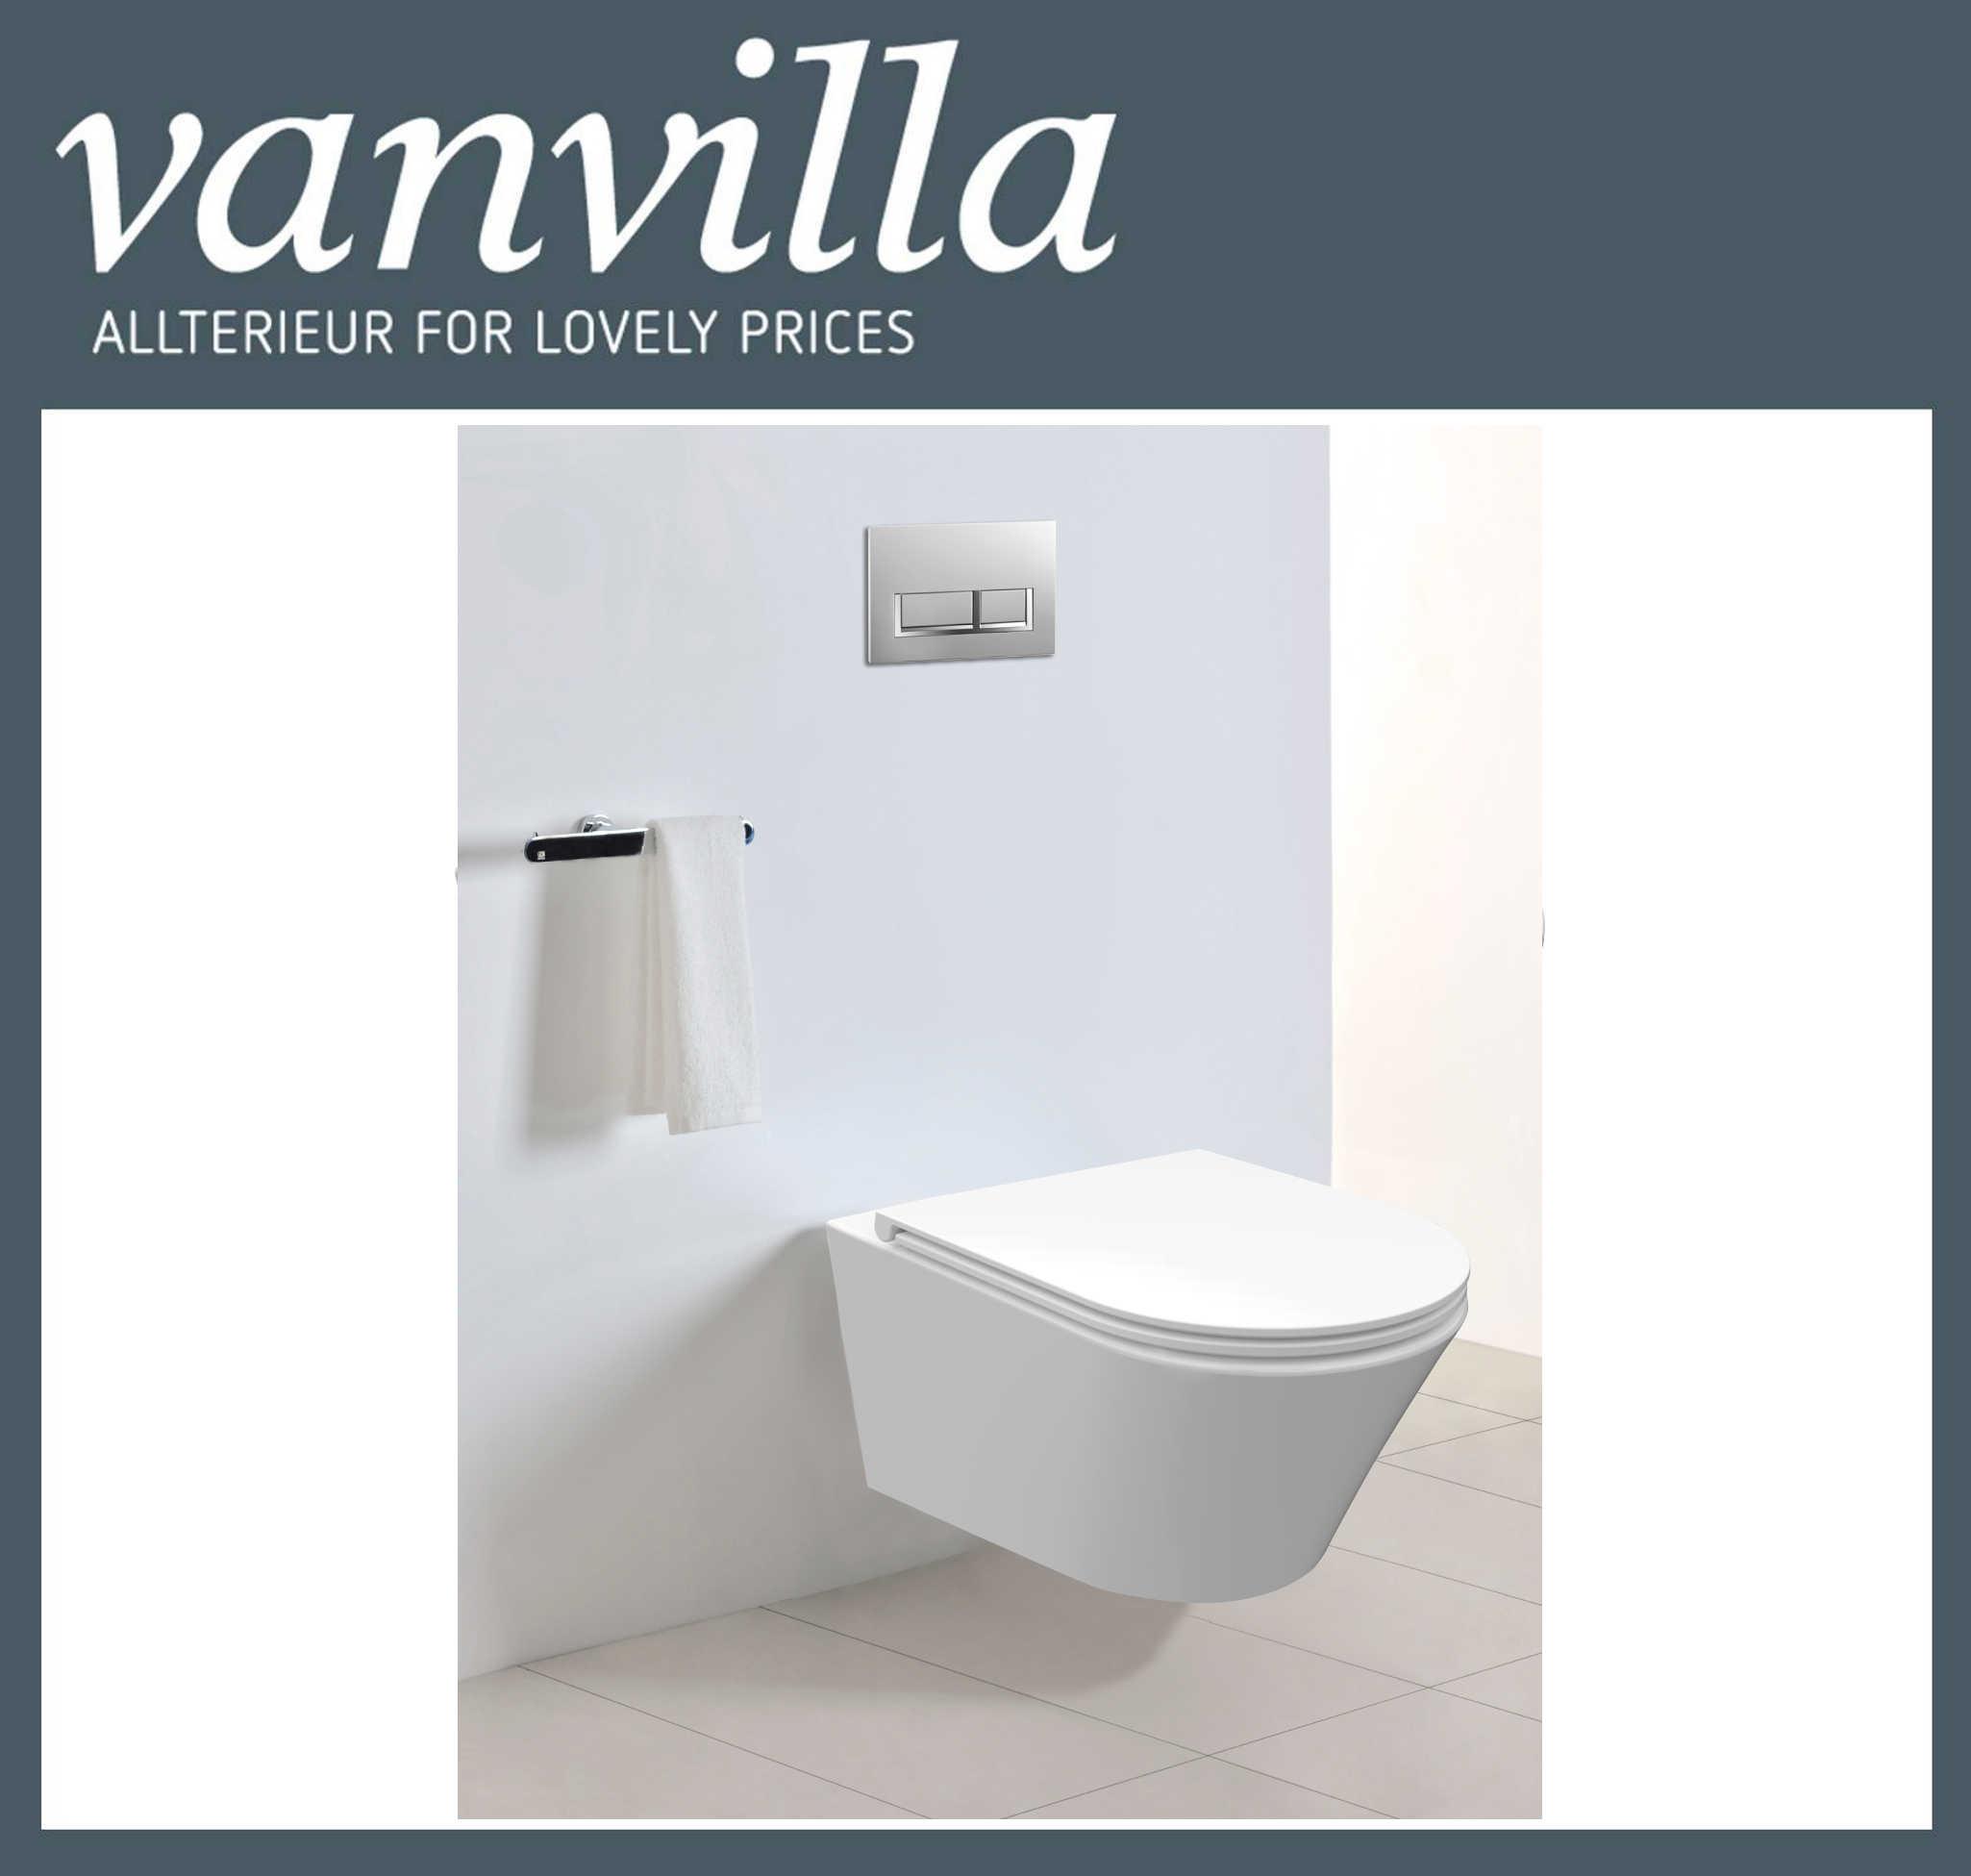 vanvilla h nge wc toilette sp lrandlos soft close sitz luanda h nge bidet set ebay. Black Bedroom Furniture Sets. Home Design Ideas